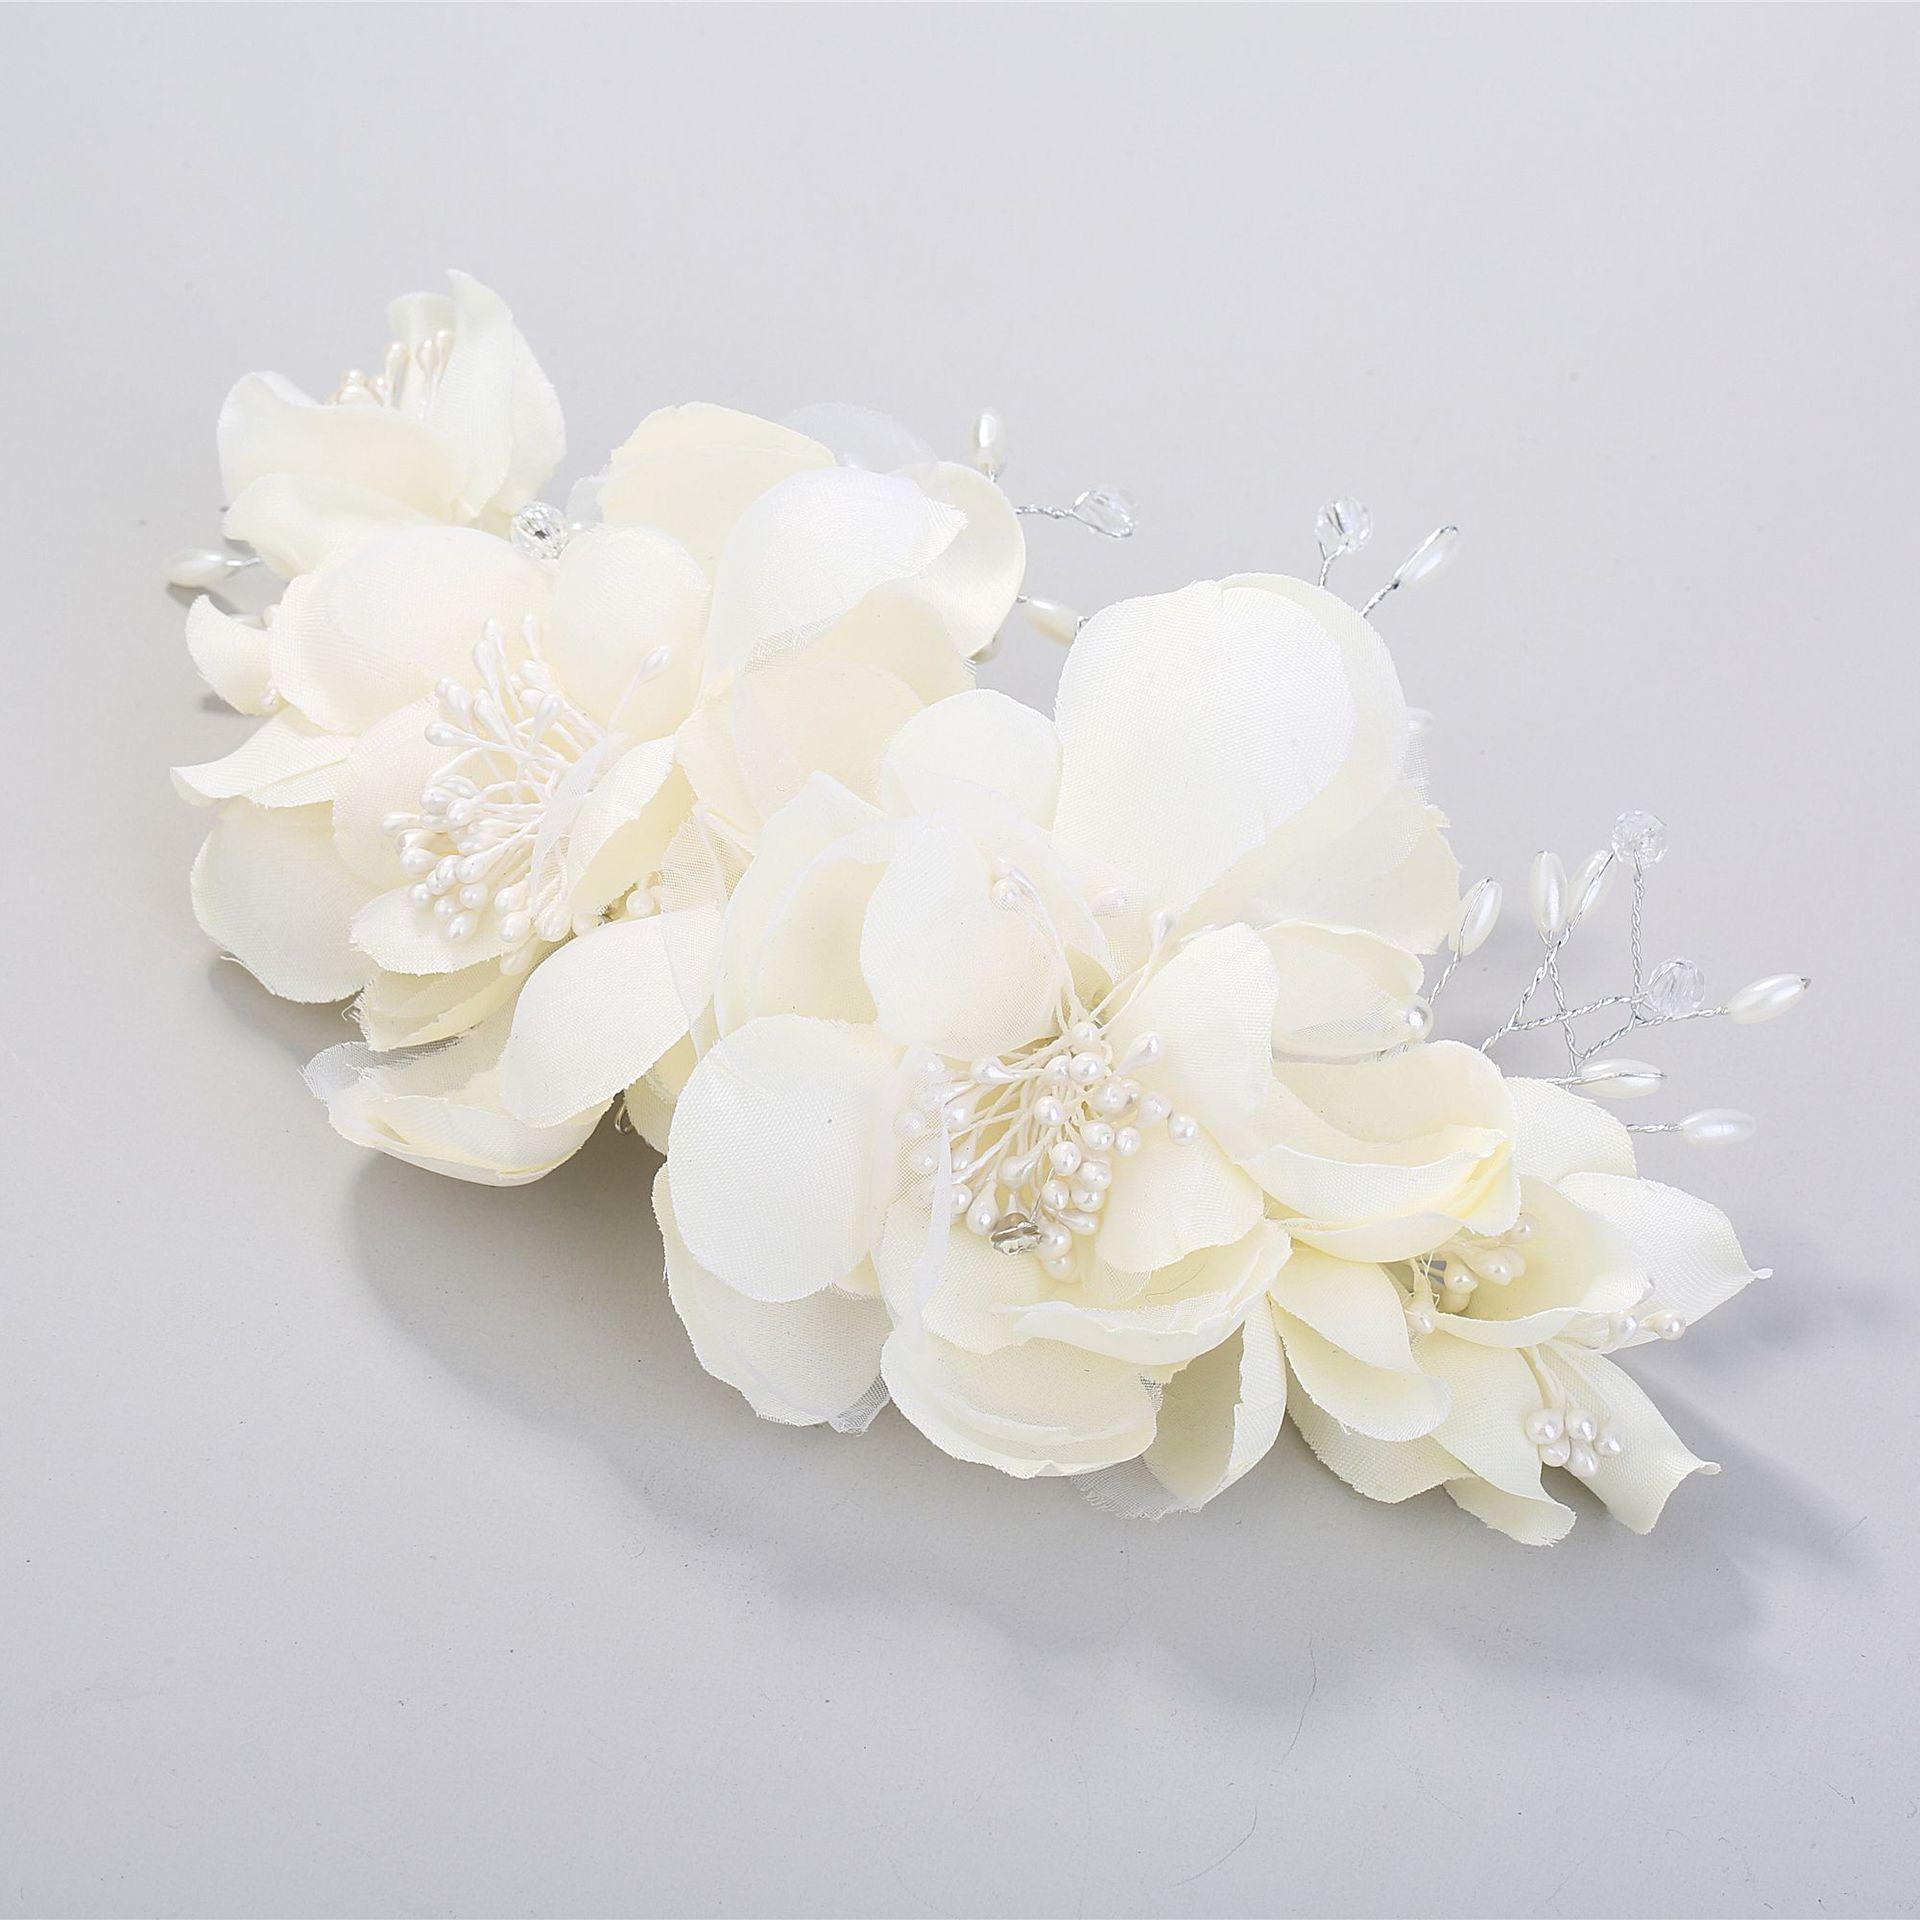 Peineta de hilo beige, estilo Flor del pelo, tiara nupcial, diadema tiara de boda, corona para el pelo para novia, diadema